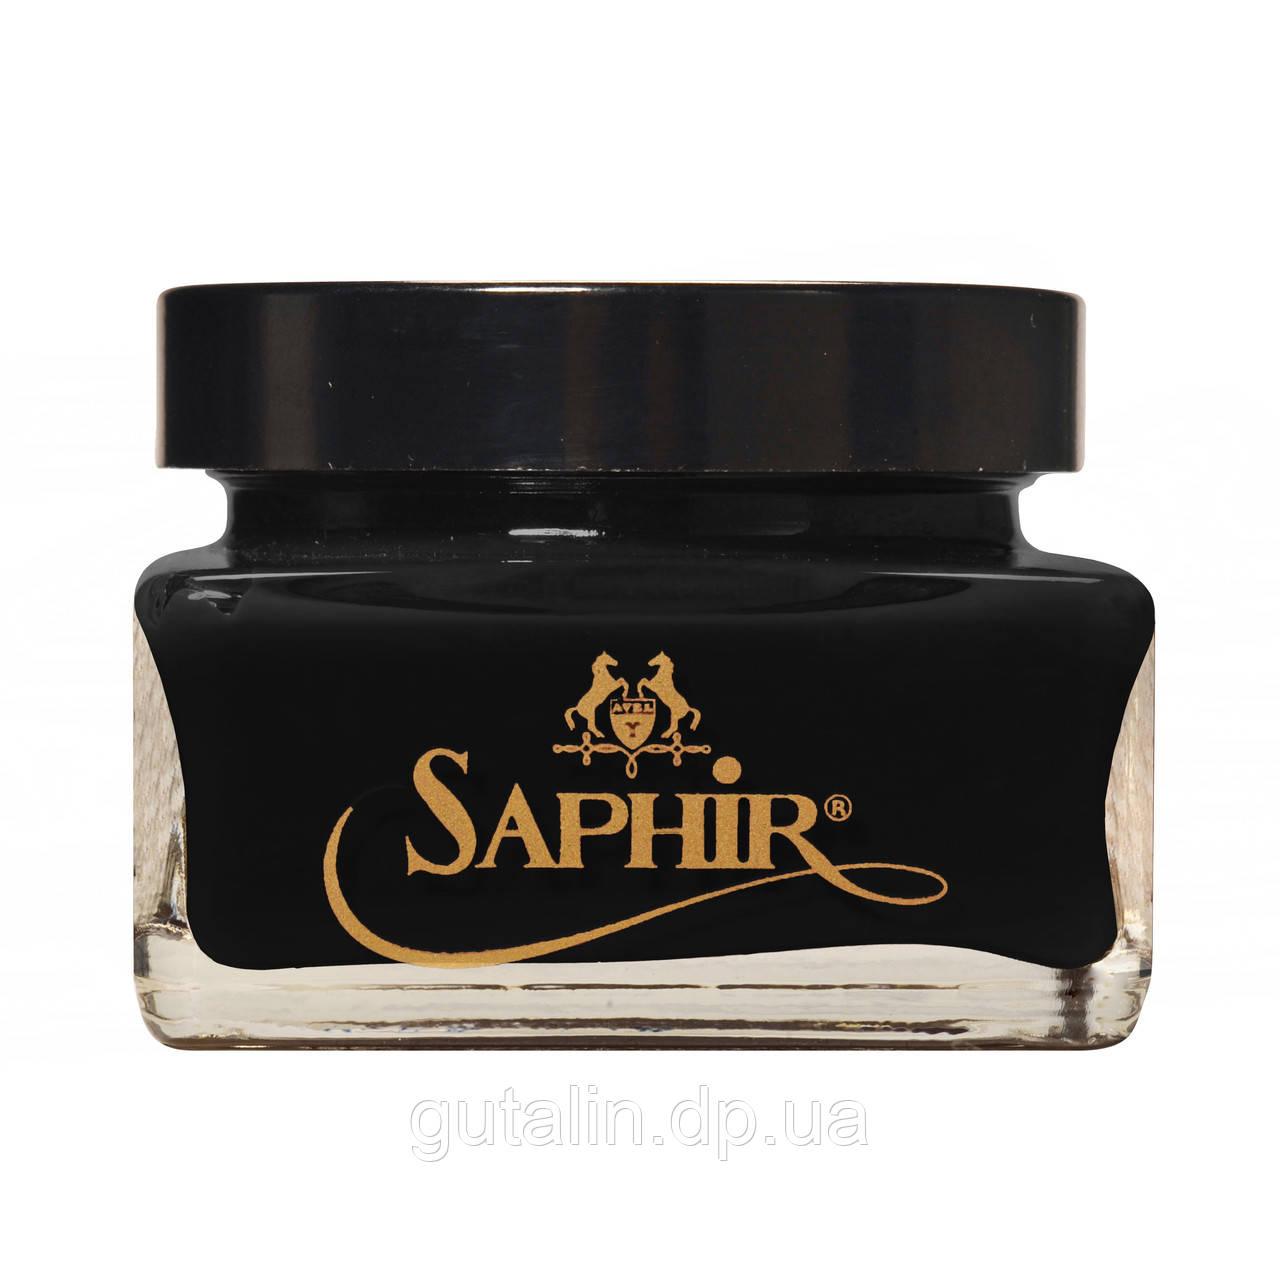 Крем для обуви Saphir Medaille D'or Creme Cordovan цвет черный (01) 75 мл